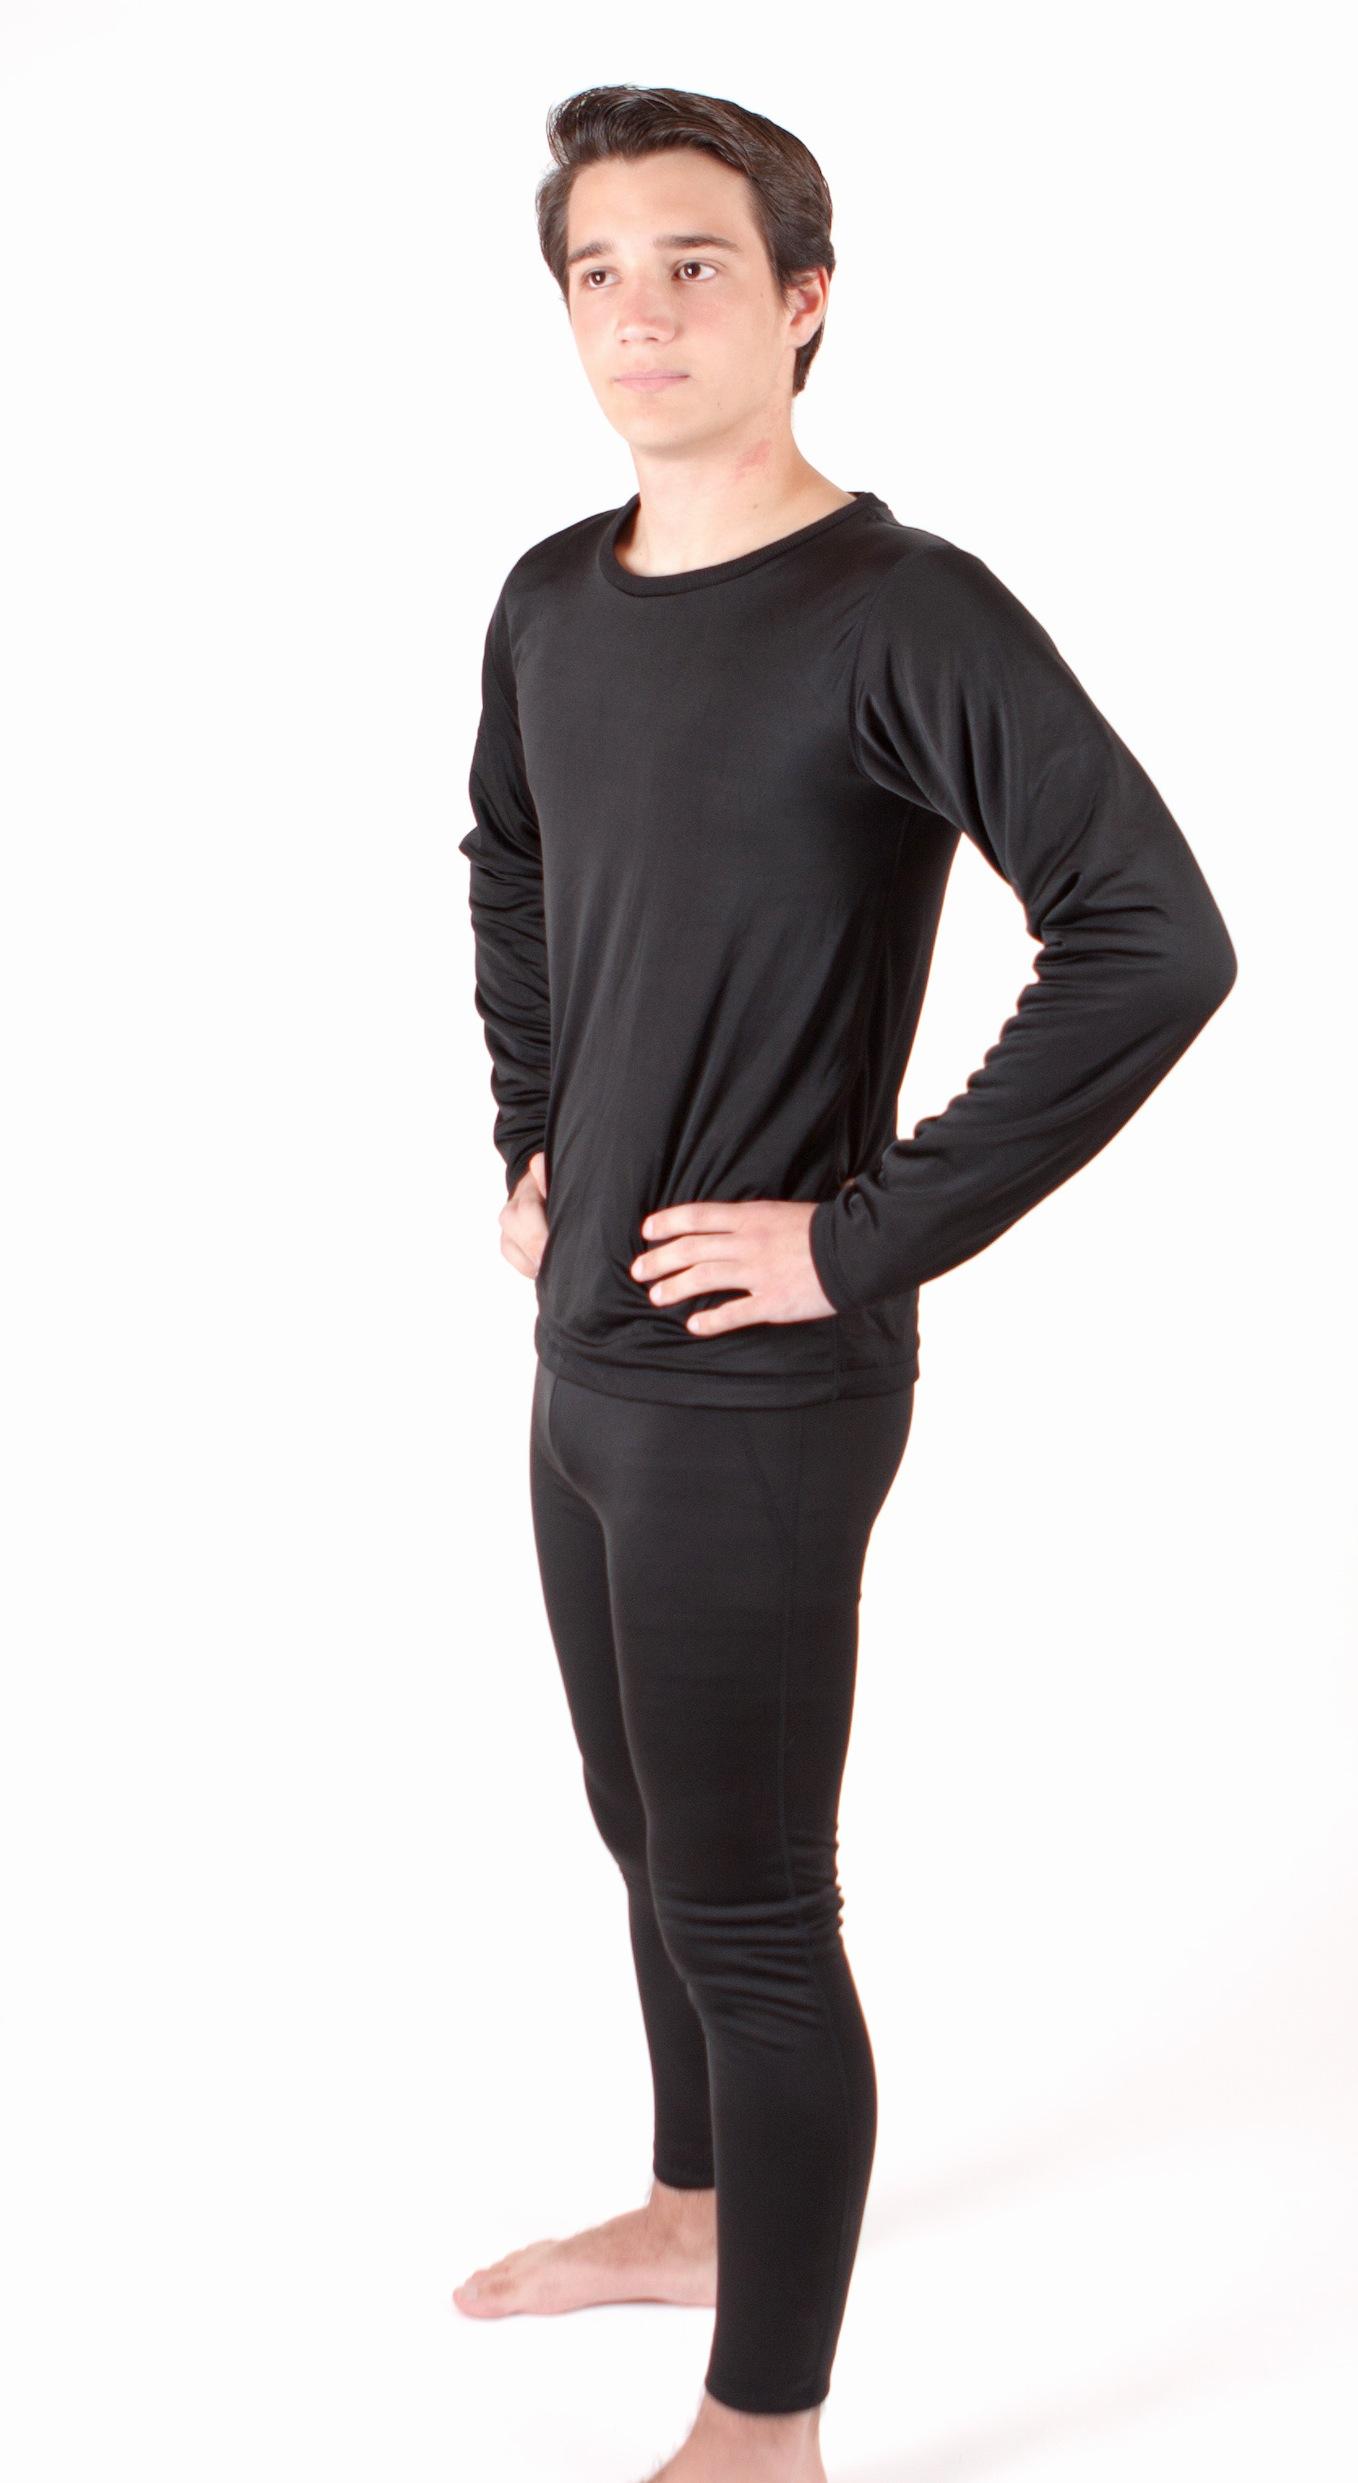 Long Underwear - Men's Warm Core (Top)